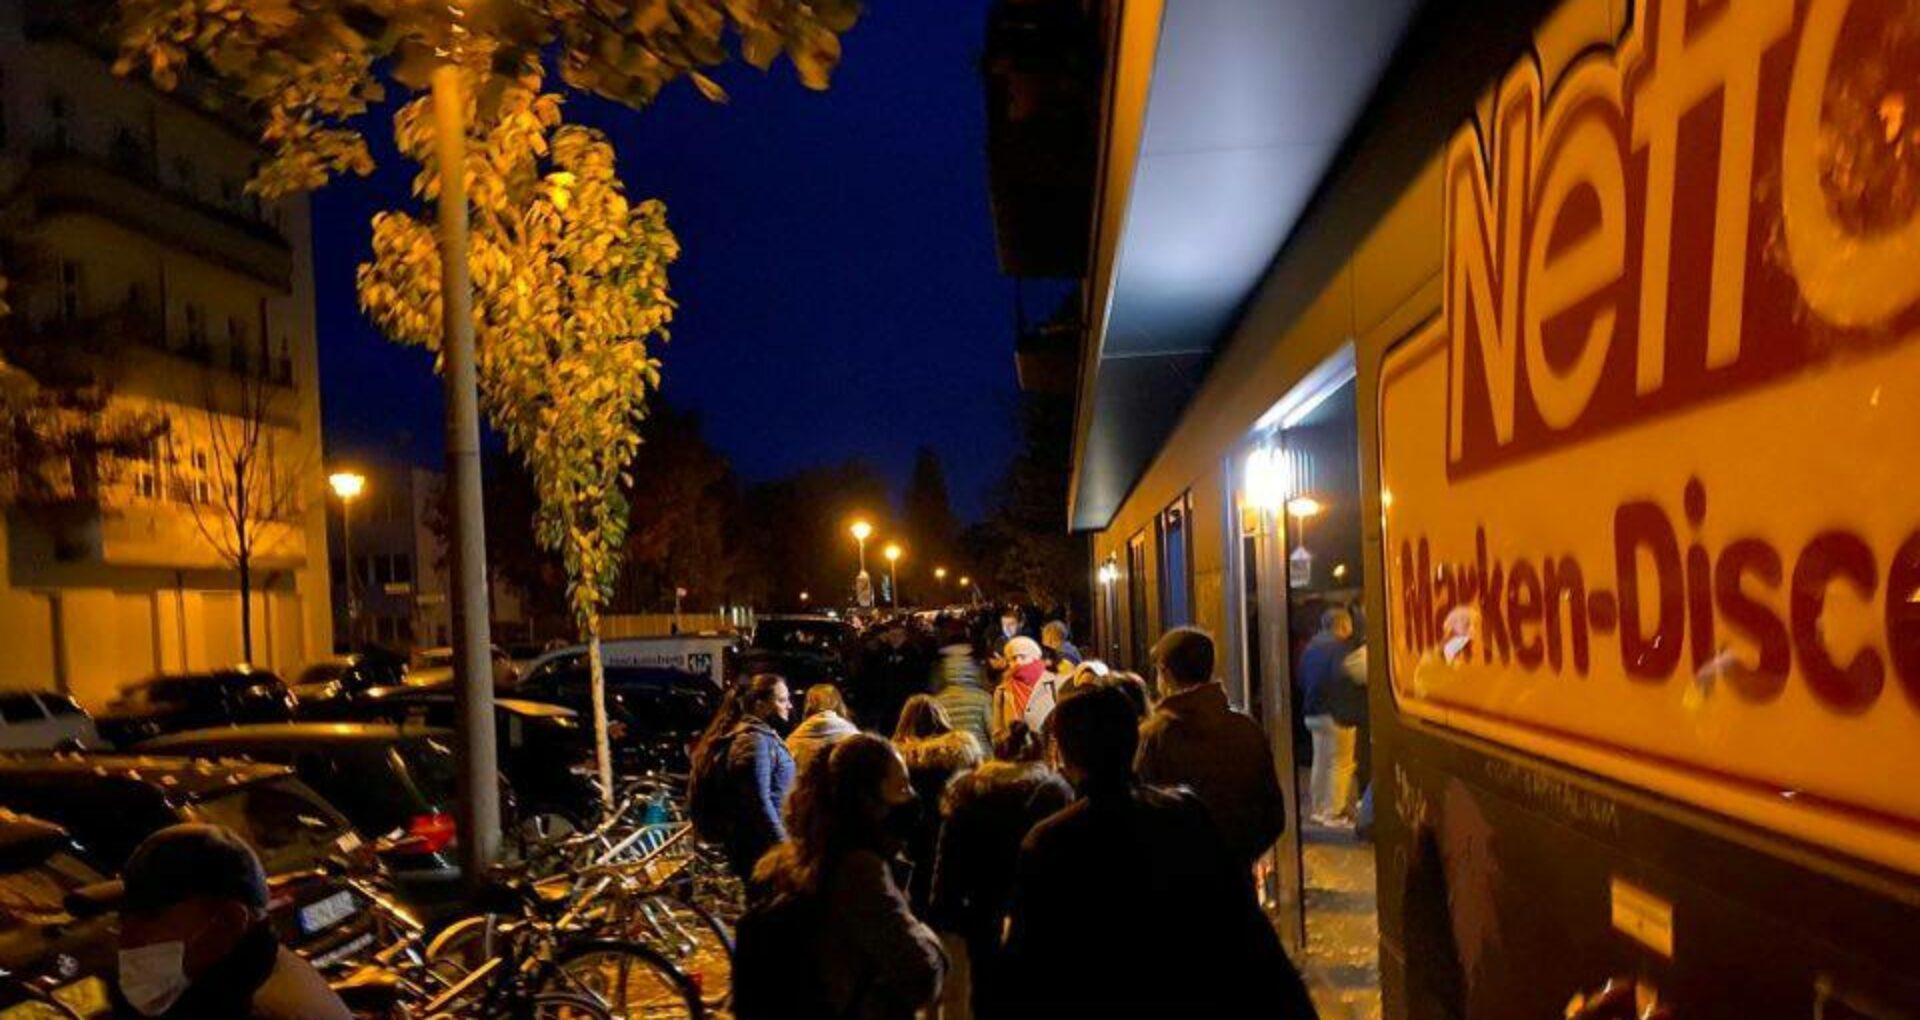 FOTO/ Cozi în Germania, înainte de deschidere secțiilor de votare